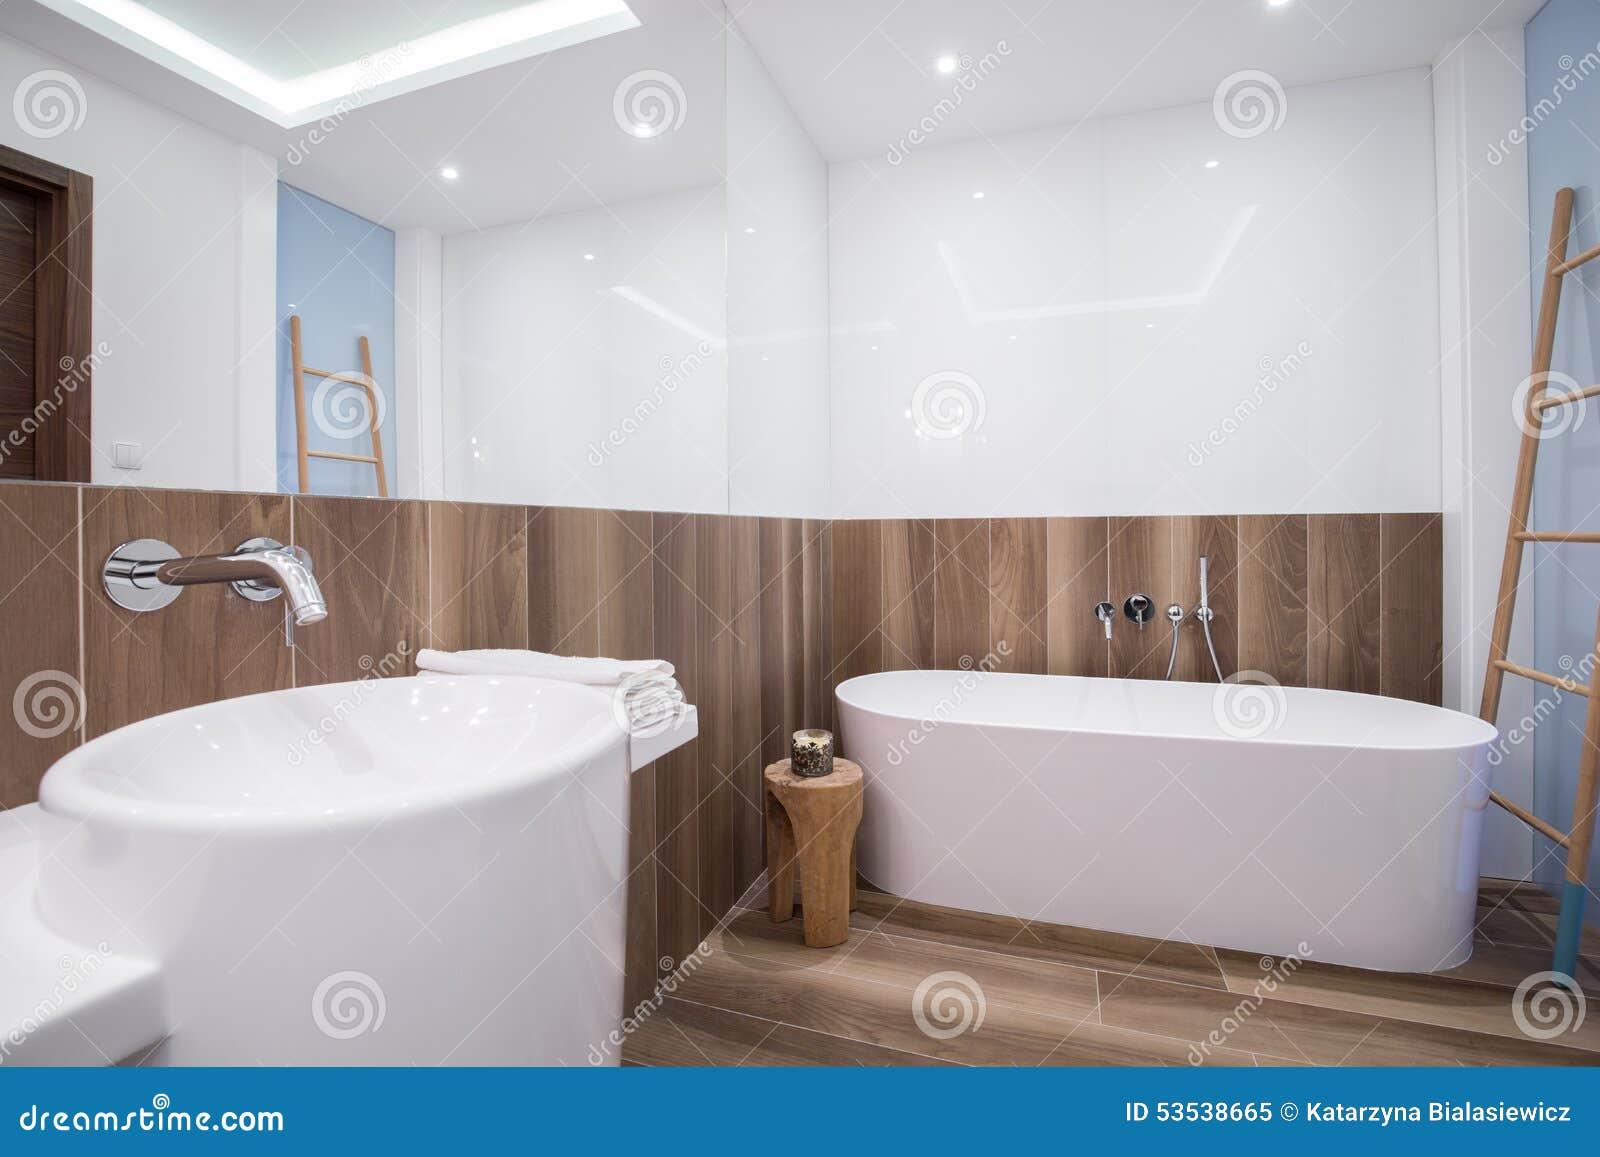 Painel De Madeira No Banheiro Luxuoso Foto de Stock Imagem: 53538665 #82A229 1300x957 Banheiro Com Luz Azul